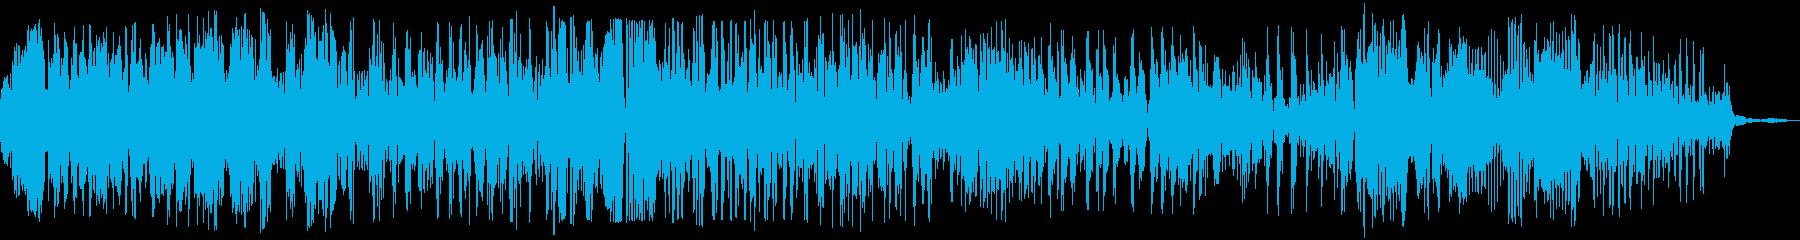 ゾンビの声(グオー)の再生済みの波形